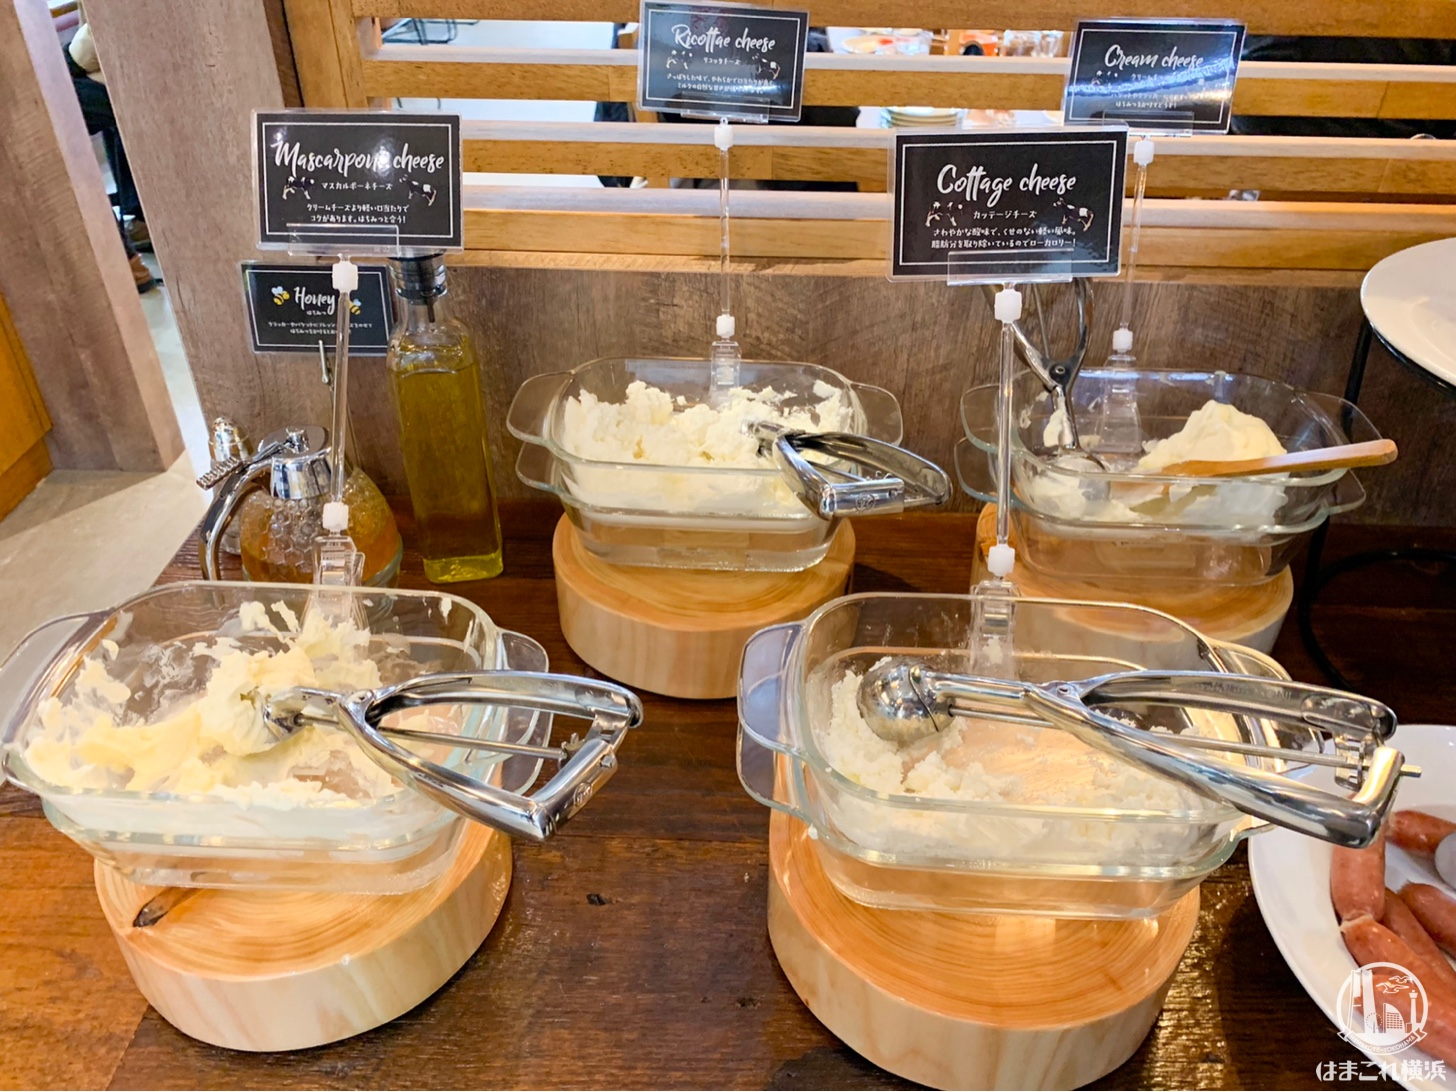 4種のチーズ マスカルポーネチーズ・リコッタチーズ・クリームチーズ・カッテージチーズ